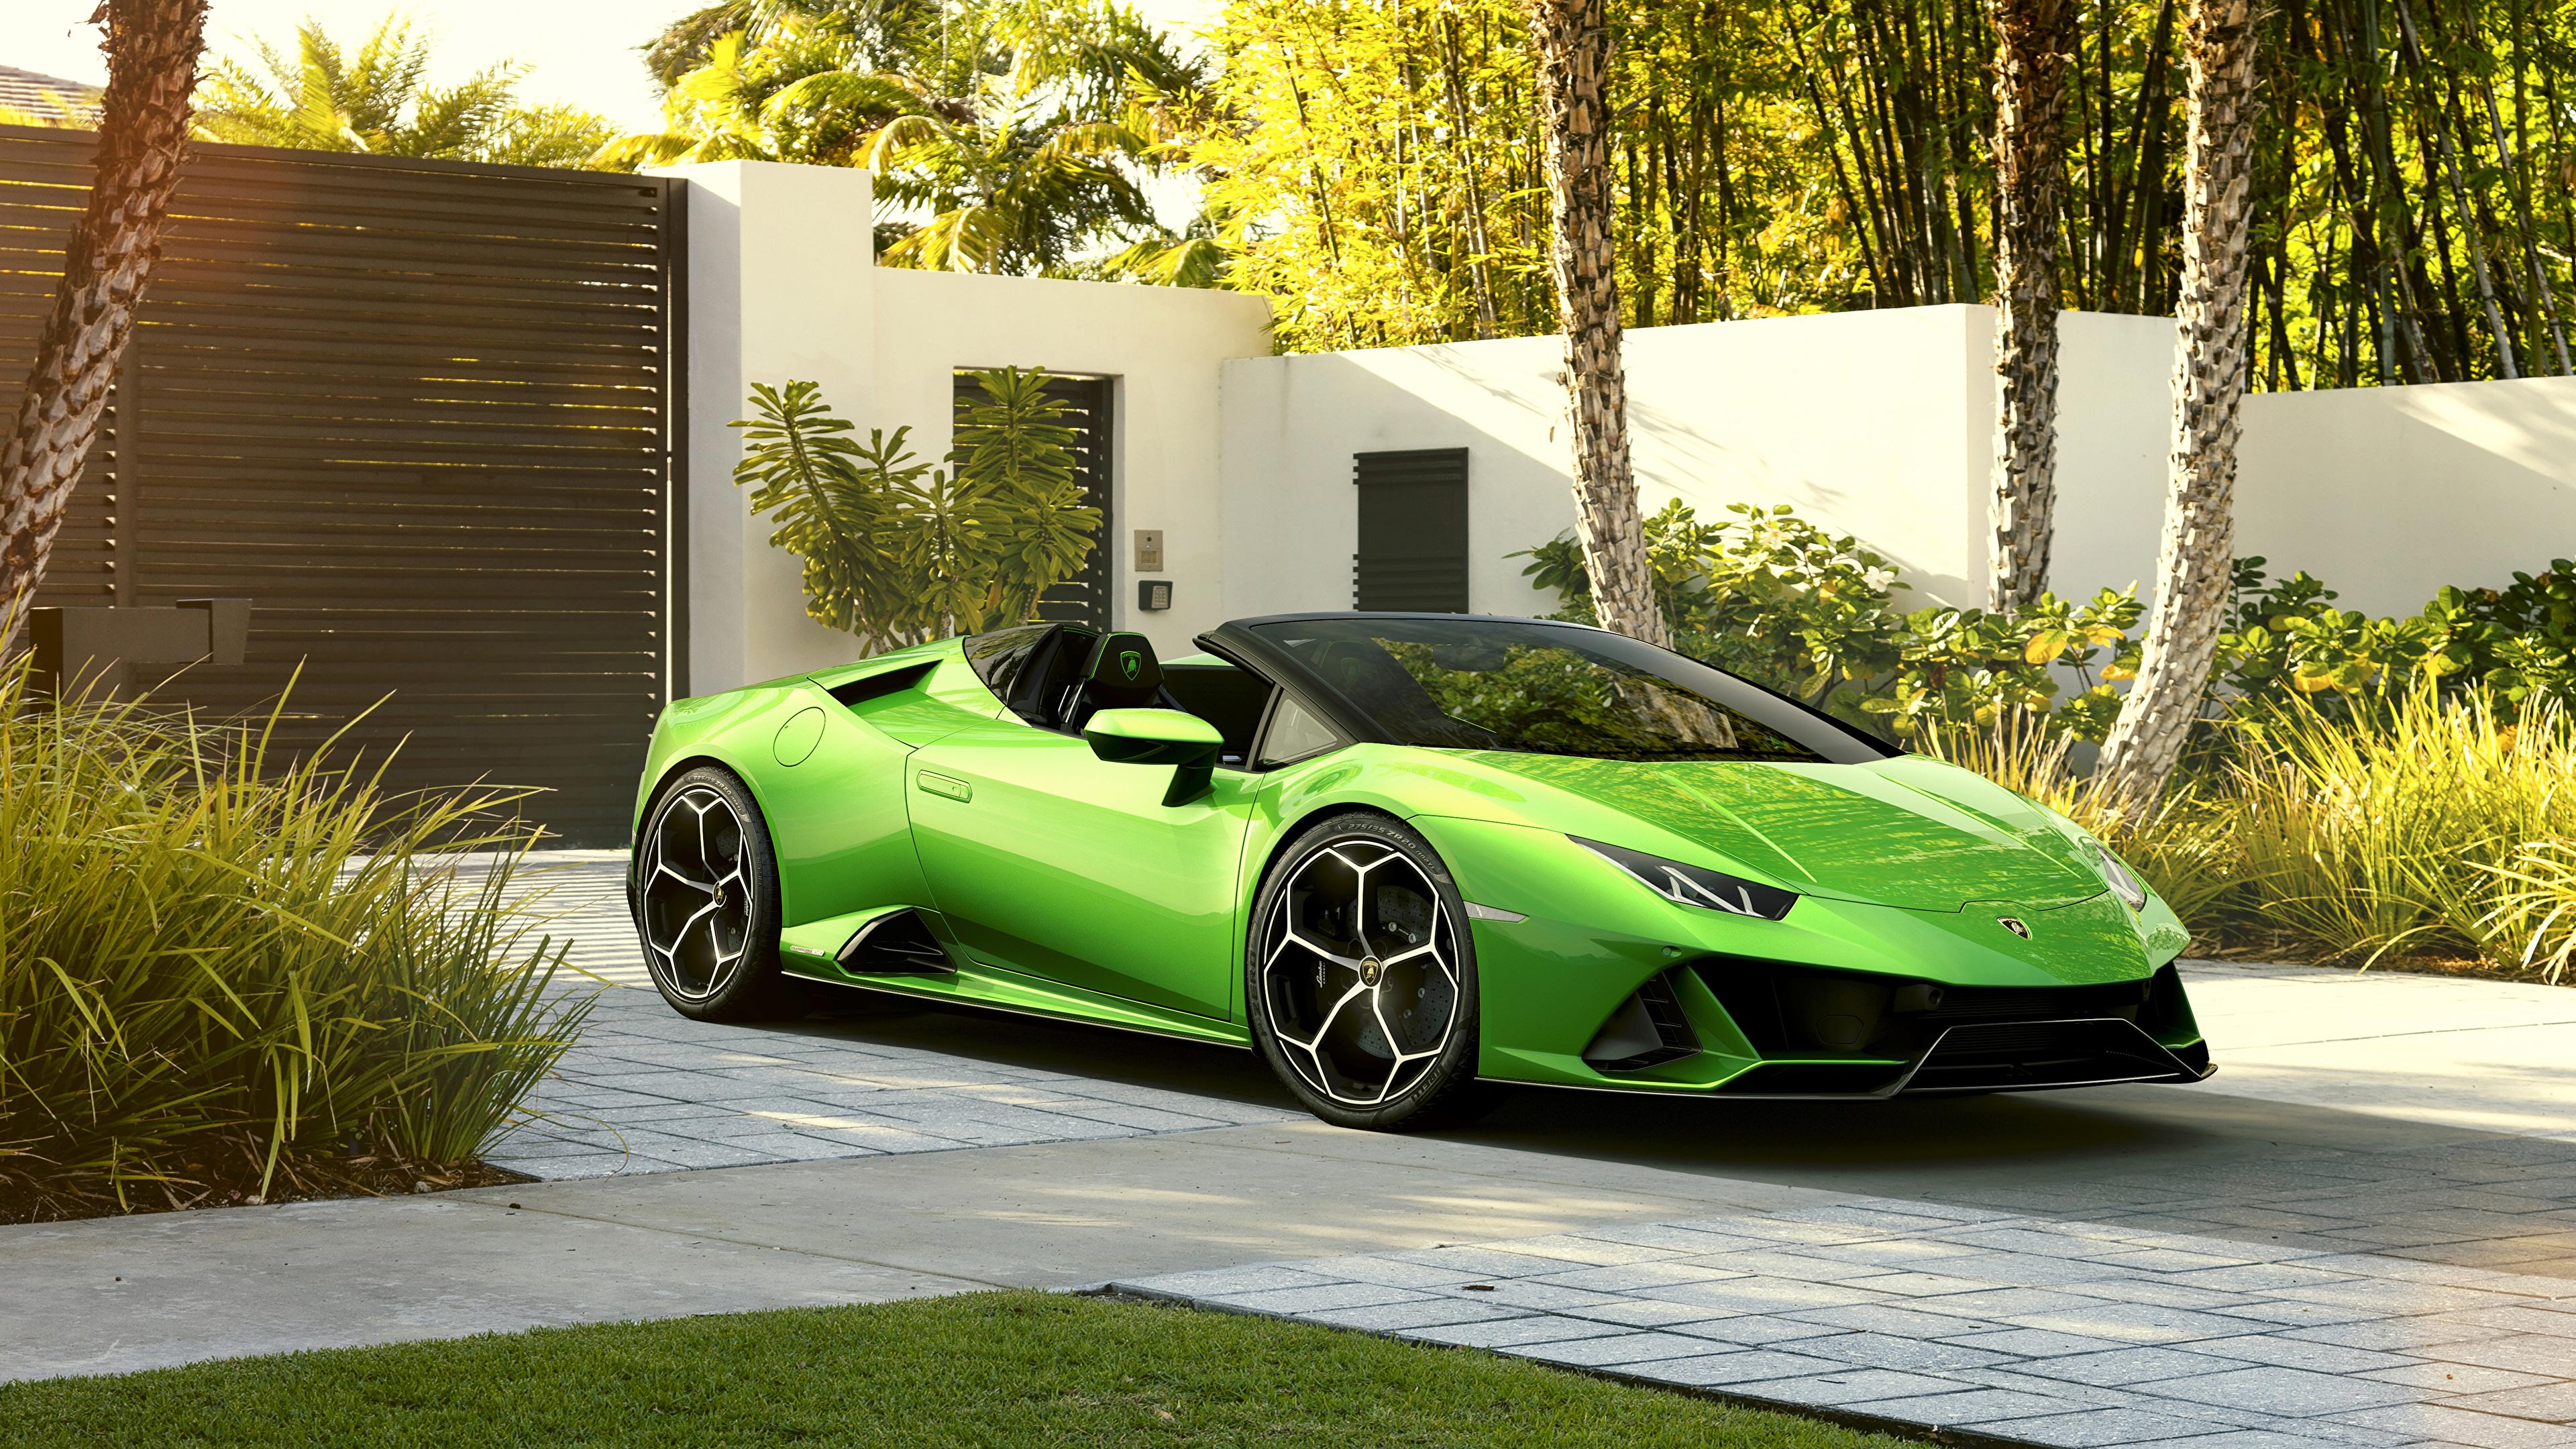 Фотографии Lamborghini 2019 Huracan EVO Spyder Родстер салатовая Металлик Автомобили 3840x2160 Ламборгини Салатовый салатовые желто зеленый авто машина машины автомобиль